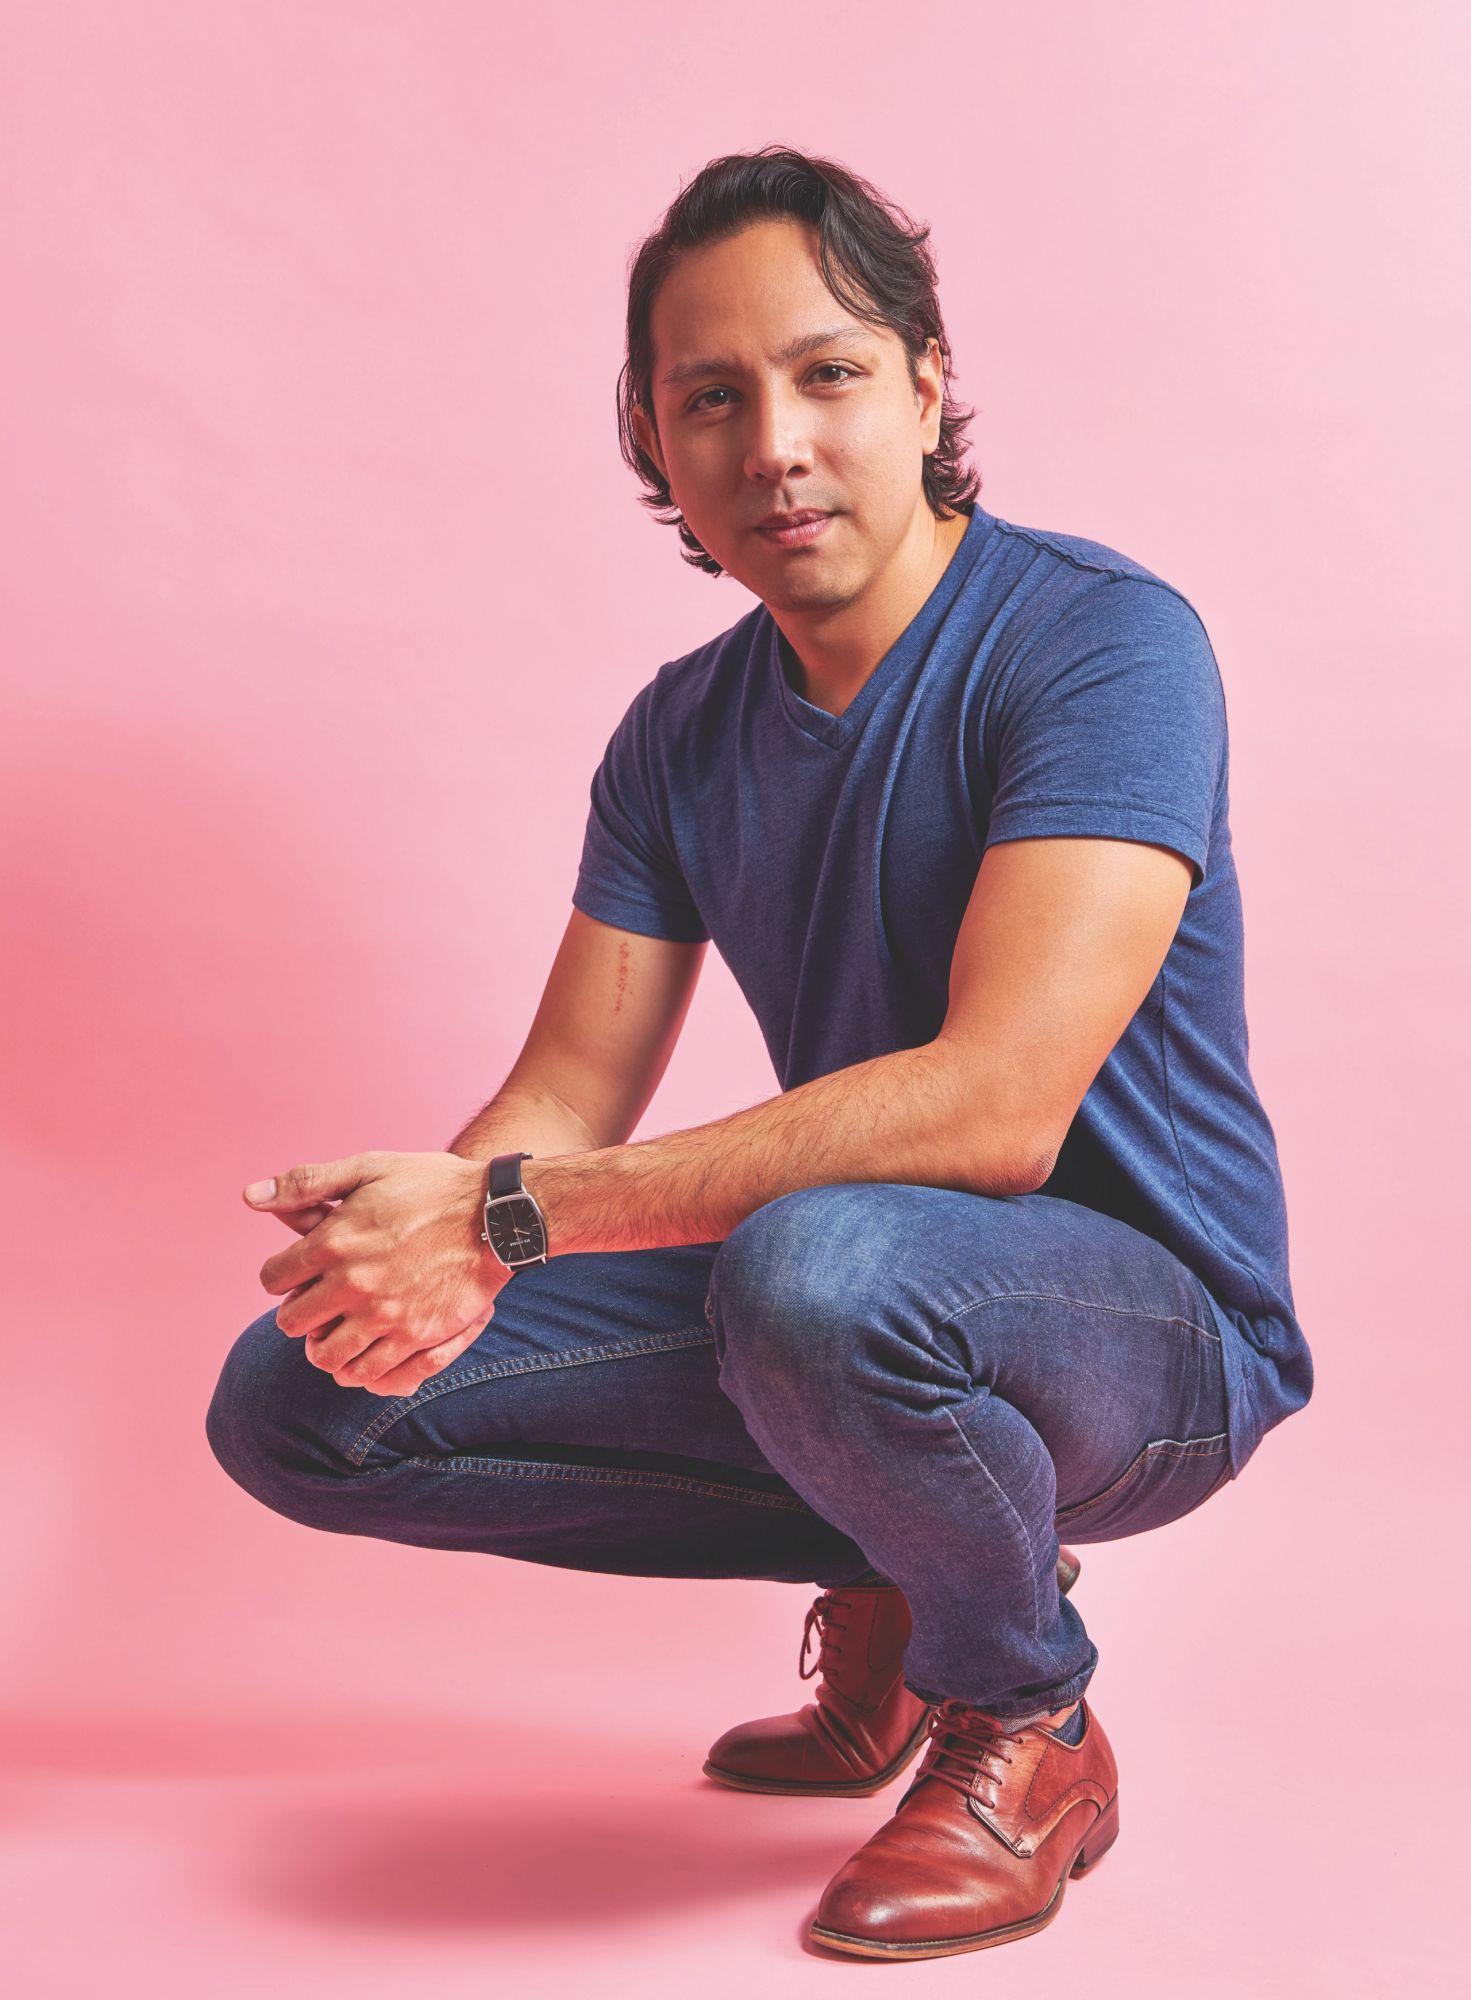 Miguel Bermundo